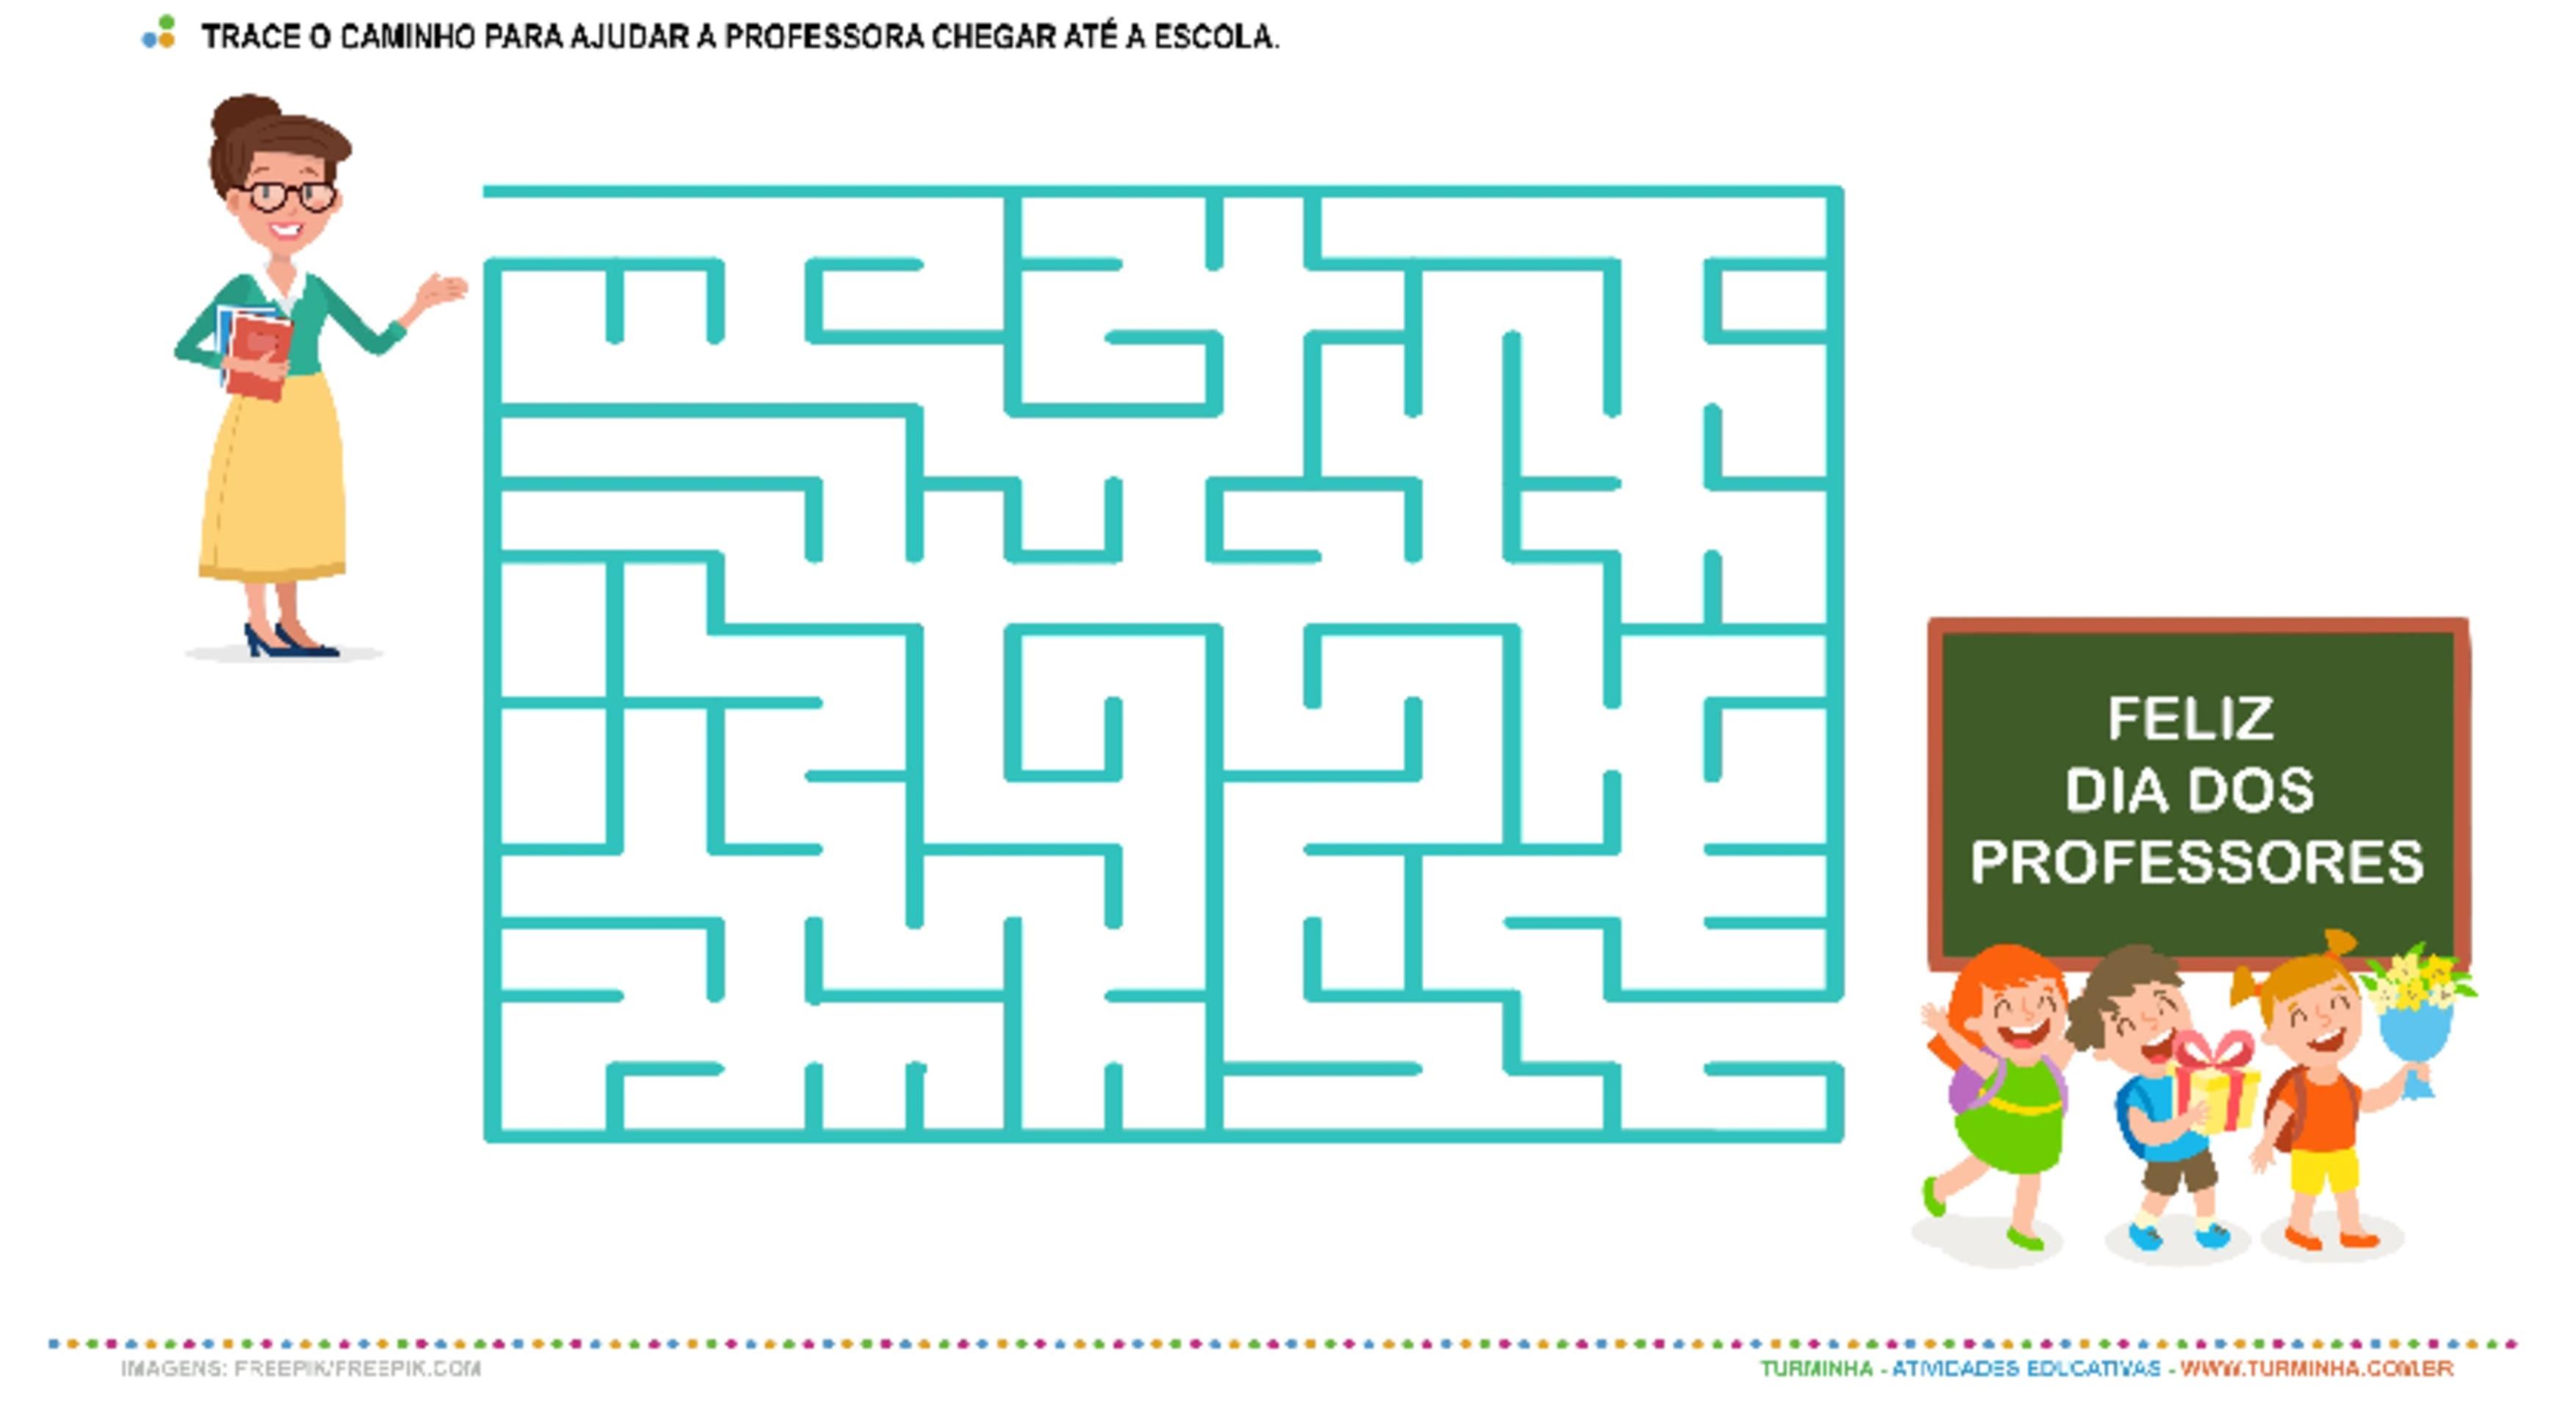 A professora no caminho da escola - atividade educativa para Pré-Escola (4 e 5 anos)